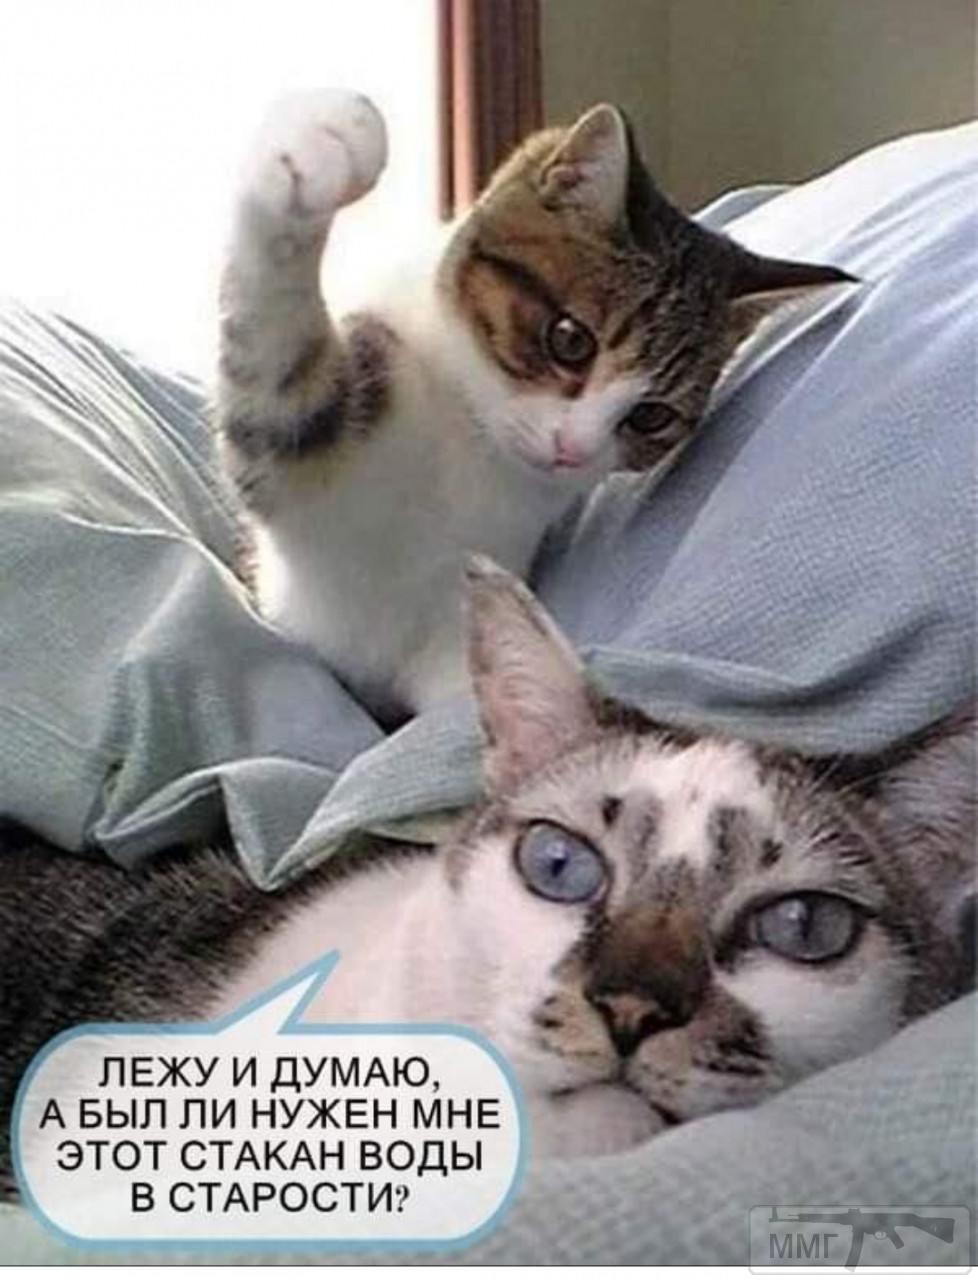 98215 - Смешные видео и фото с животными.